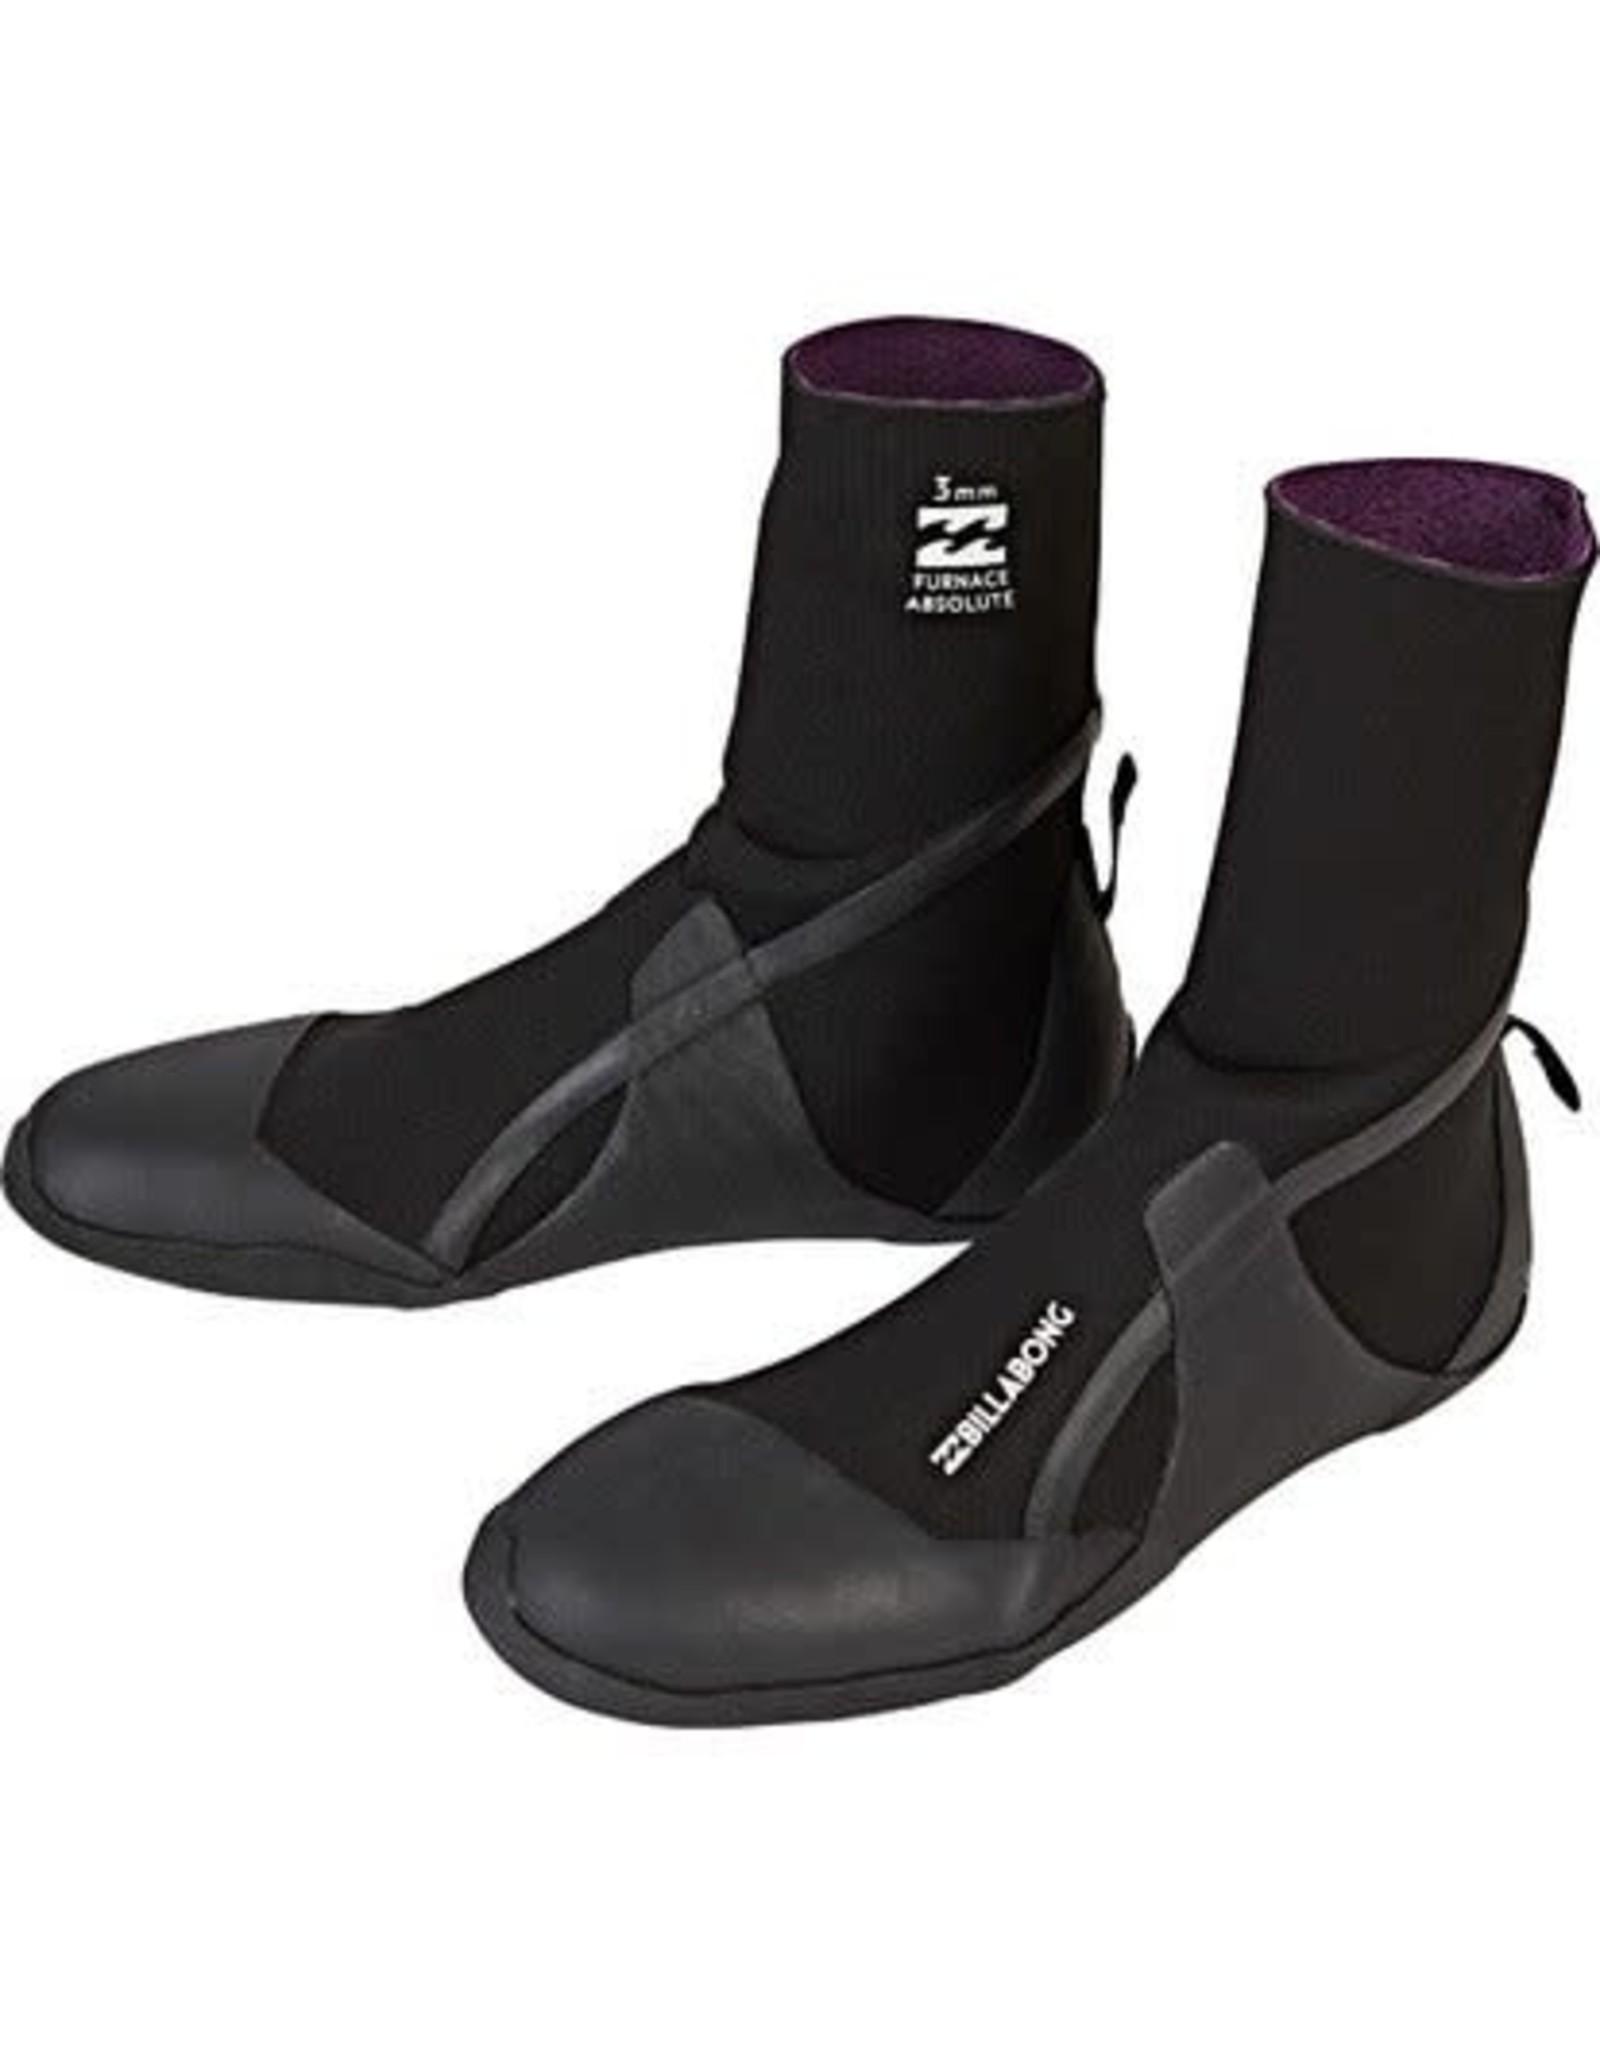 Billabong Billabong Furnace Kids Shoe